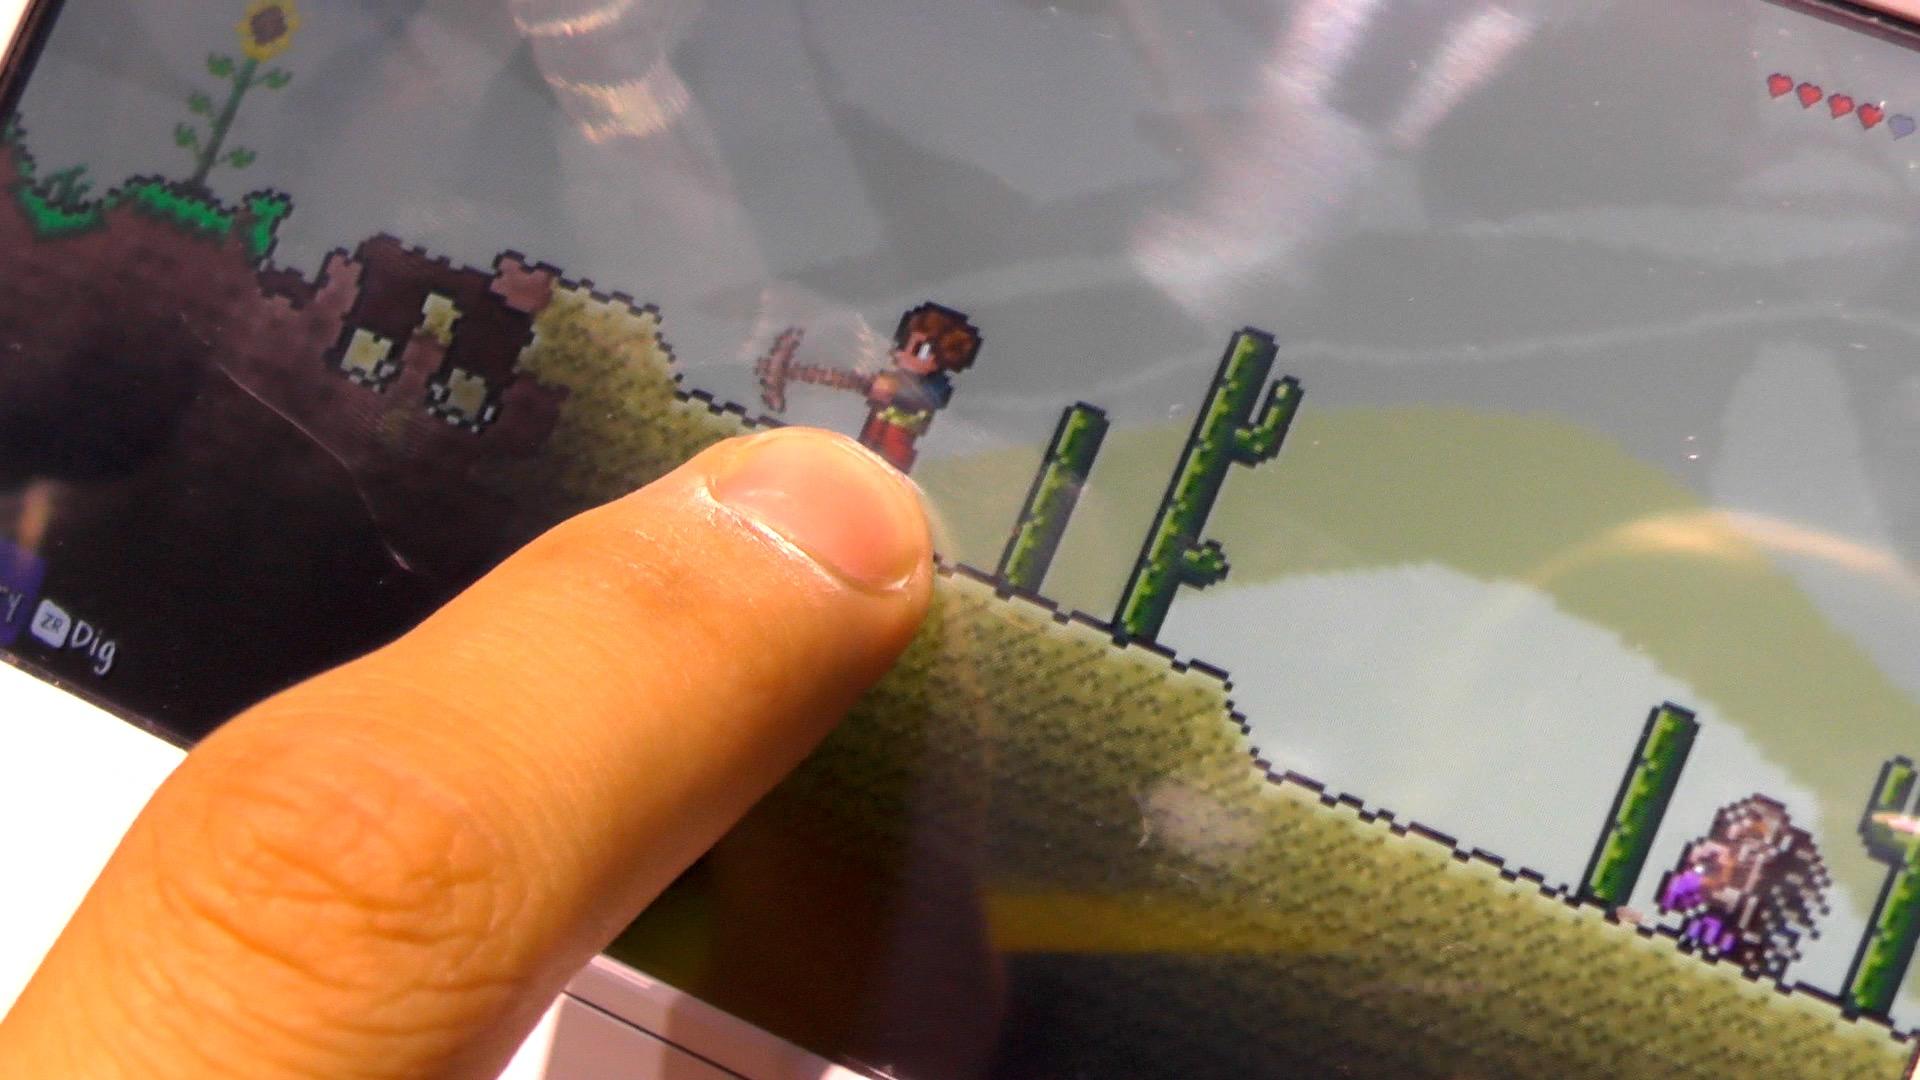 Terraria comes to Wii U